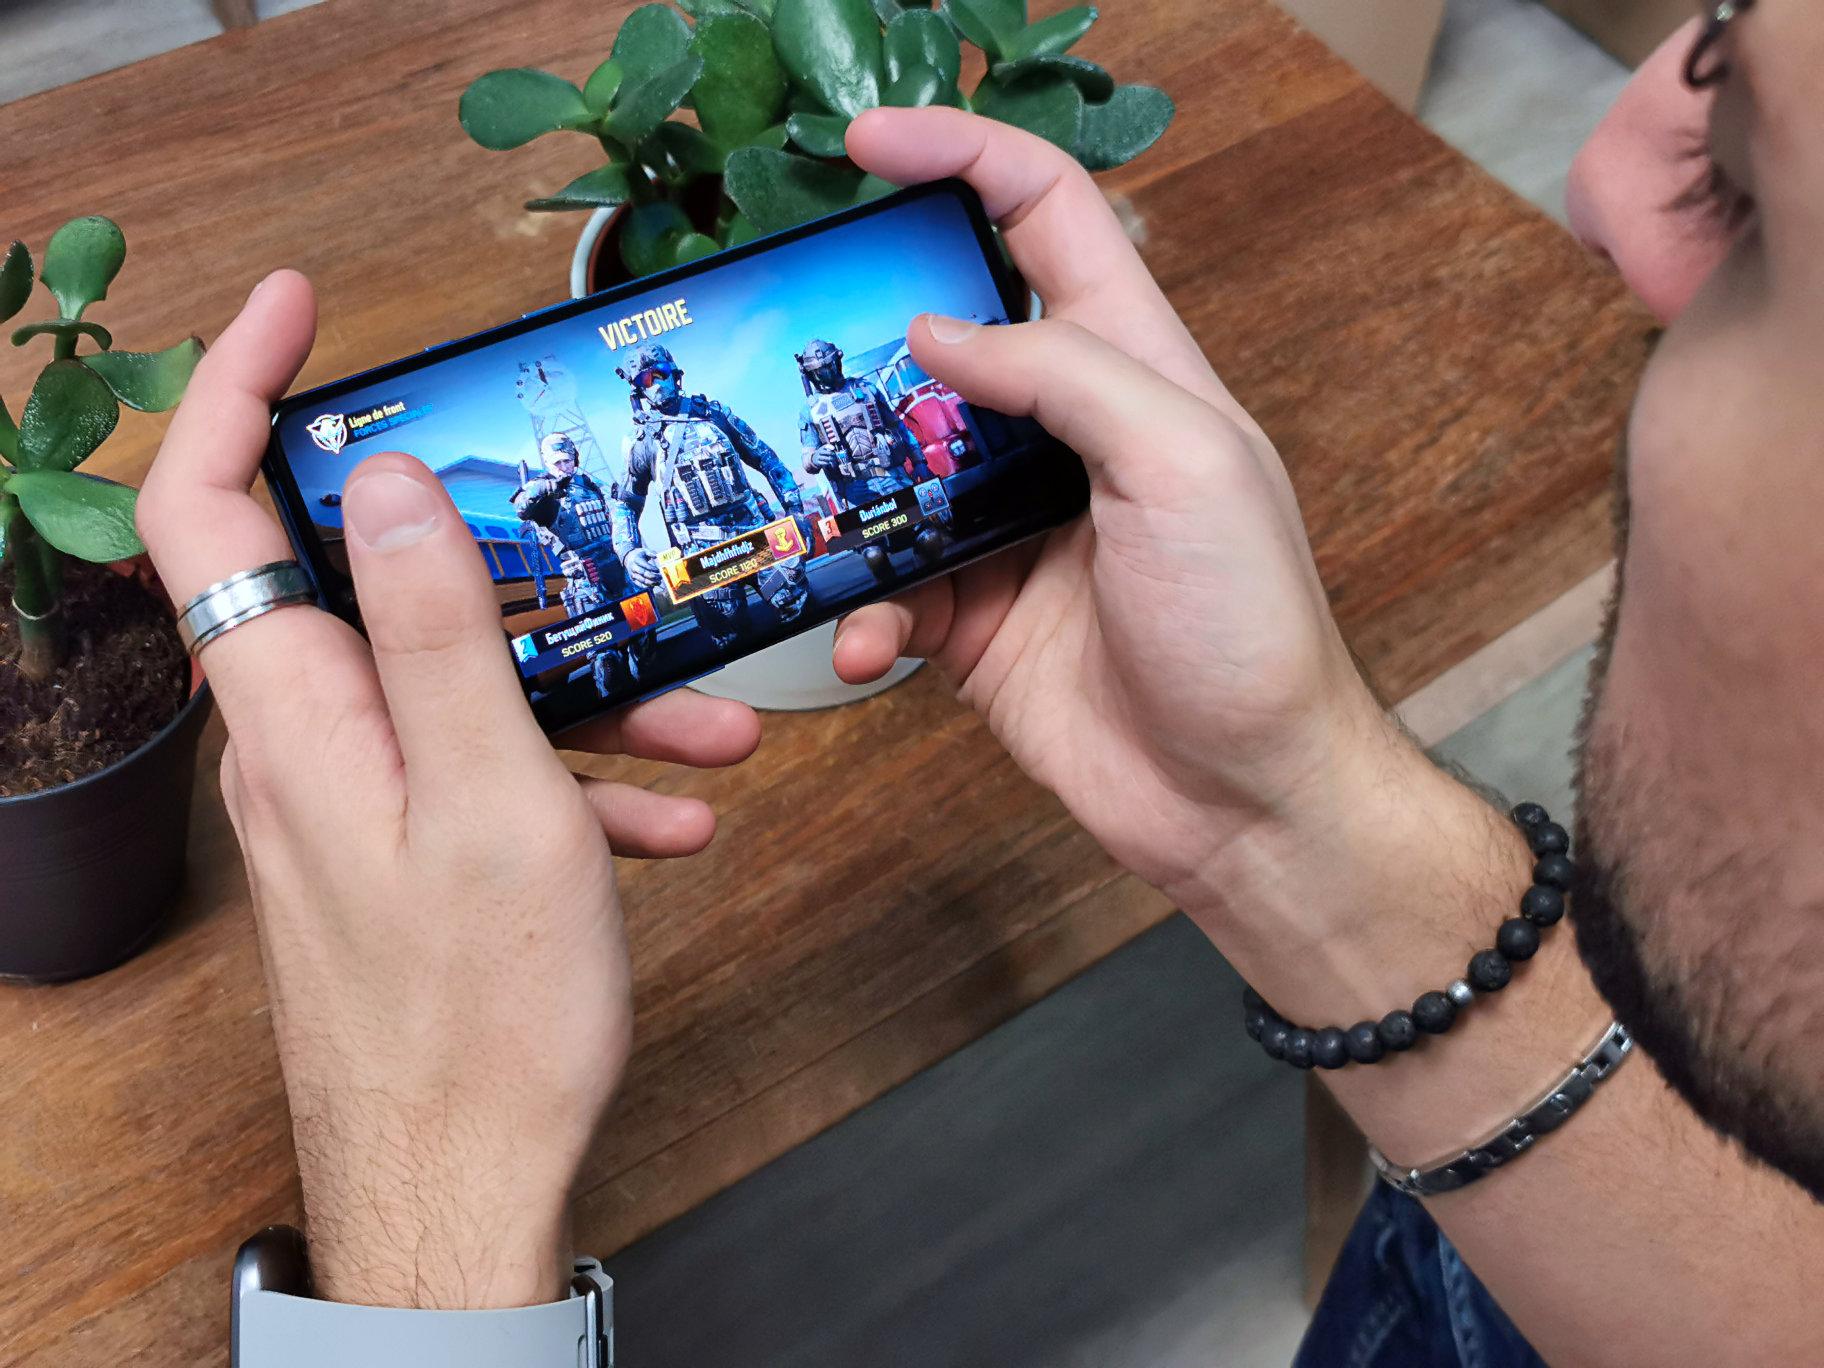 Les Meilleurs Fps Et Tps (Jeux De Tir) Sur Android Et Iphone intérieur Jeux A Deux En Ligne